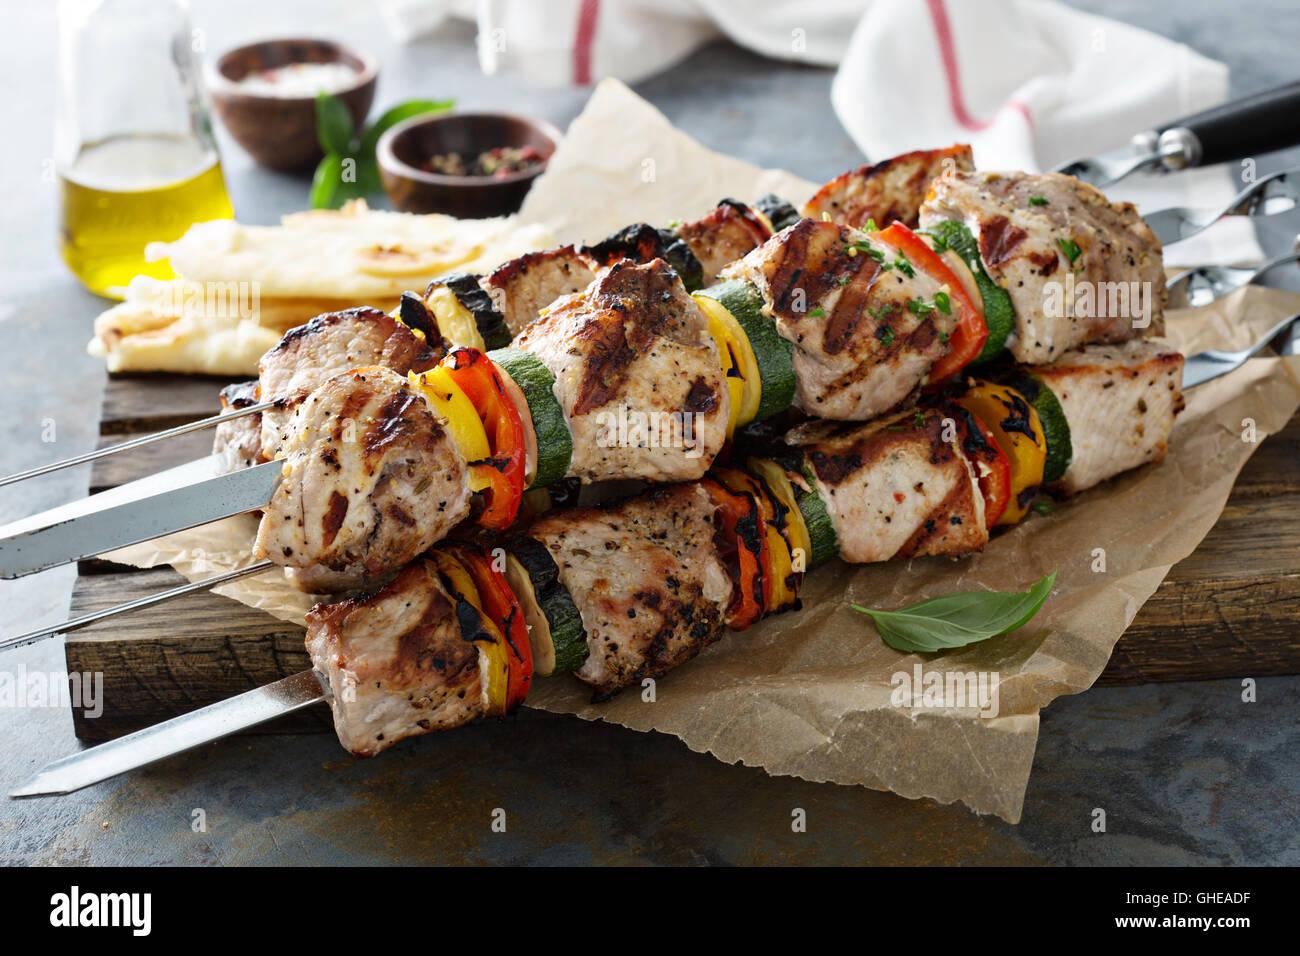 La carne de cerdo y verduras de kebabs. Foto de stock